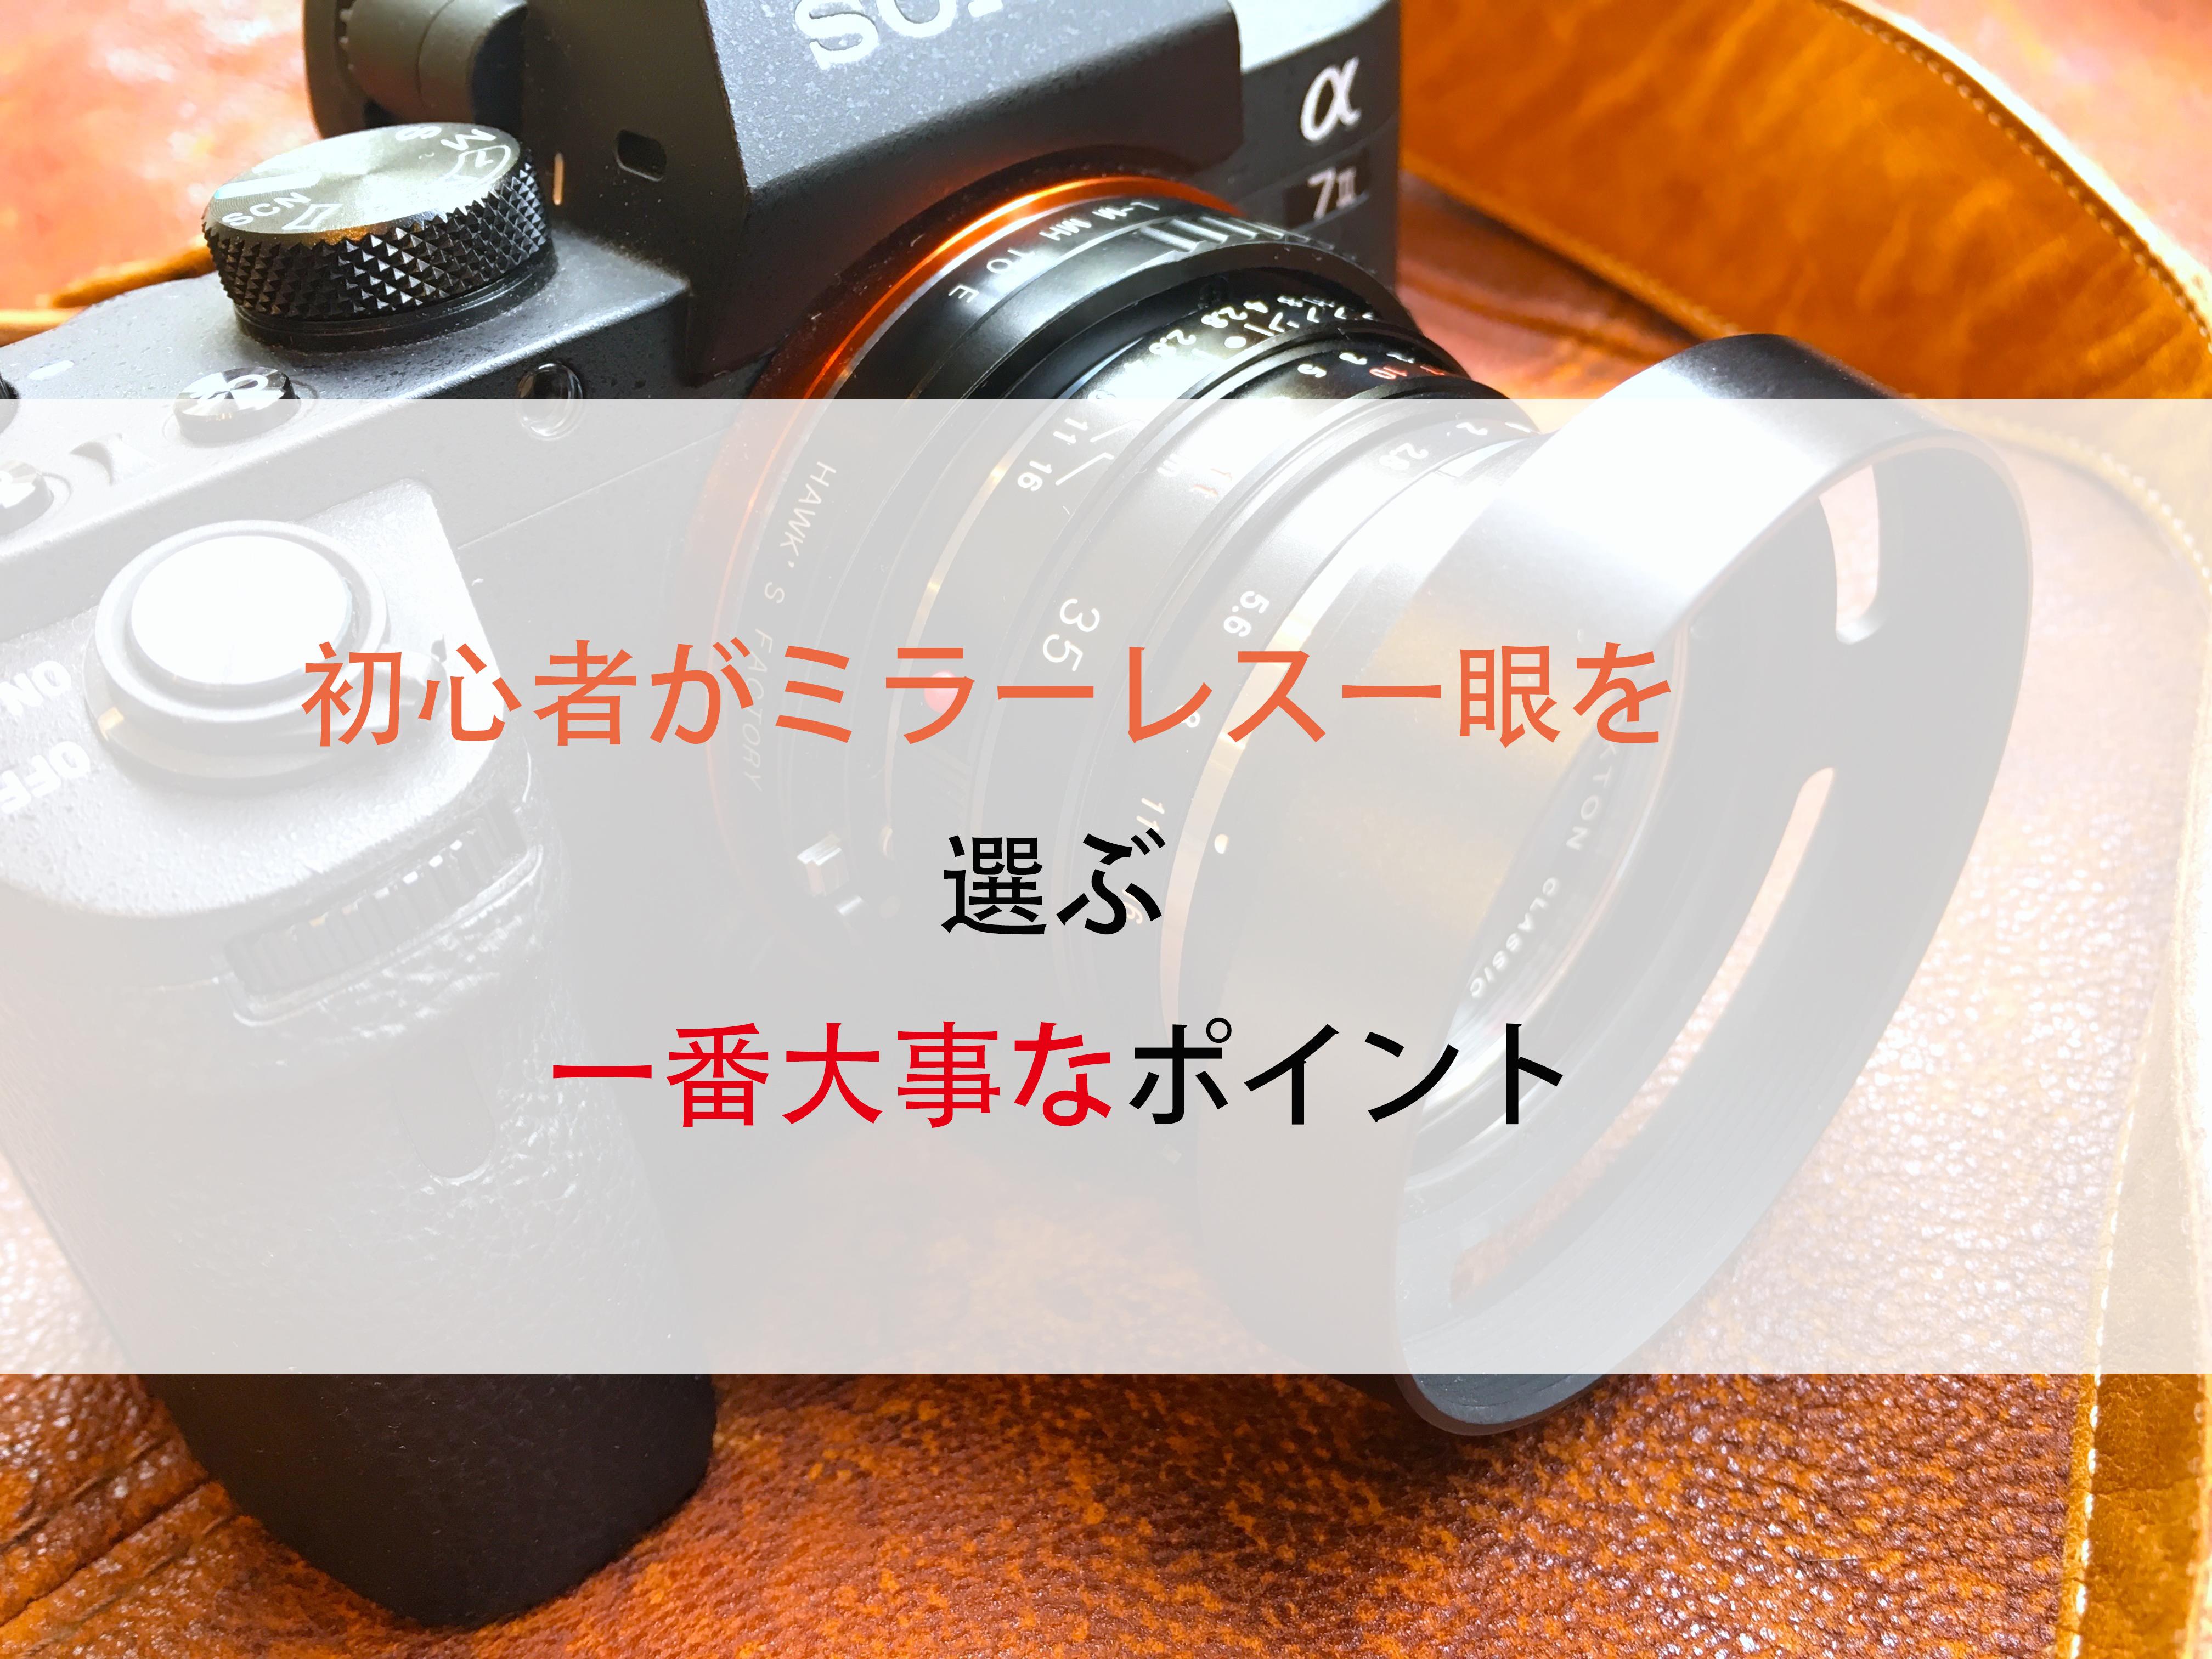 カメラ a7II